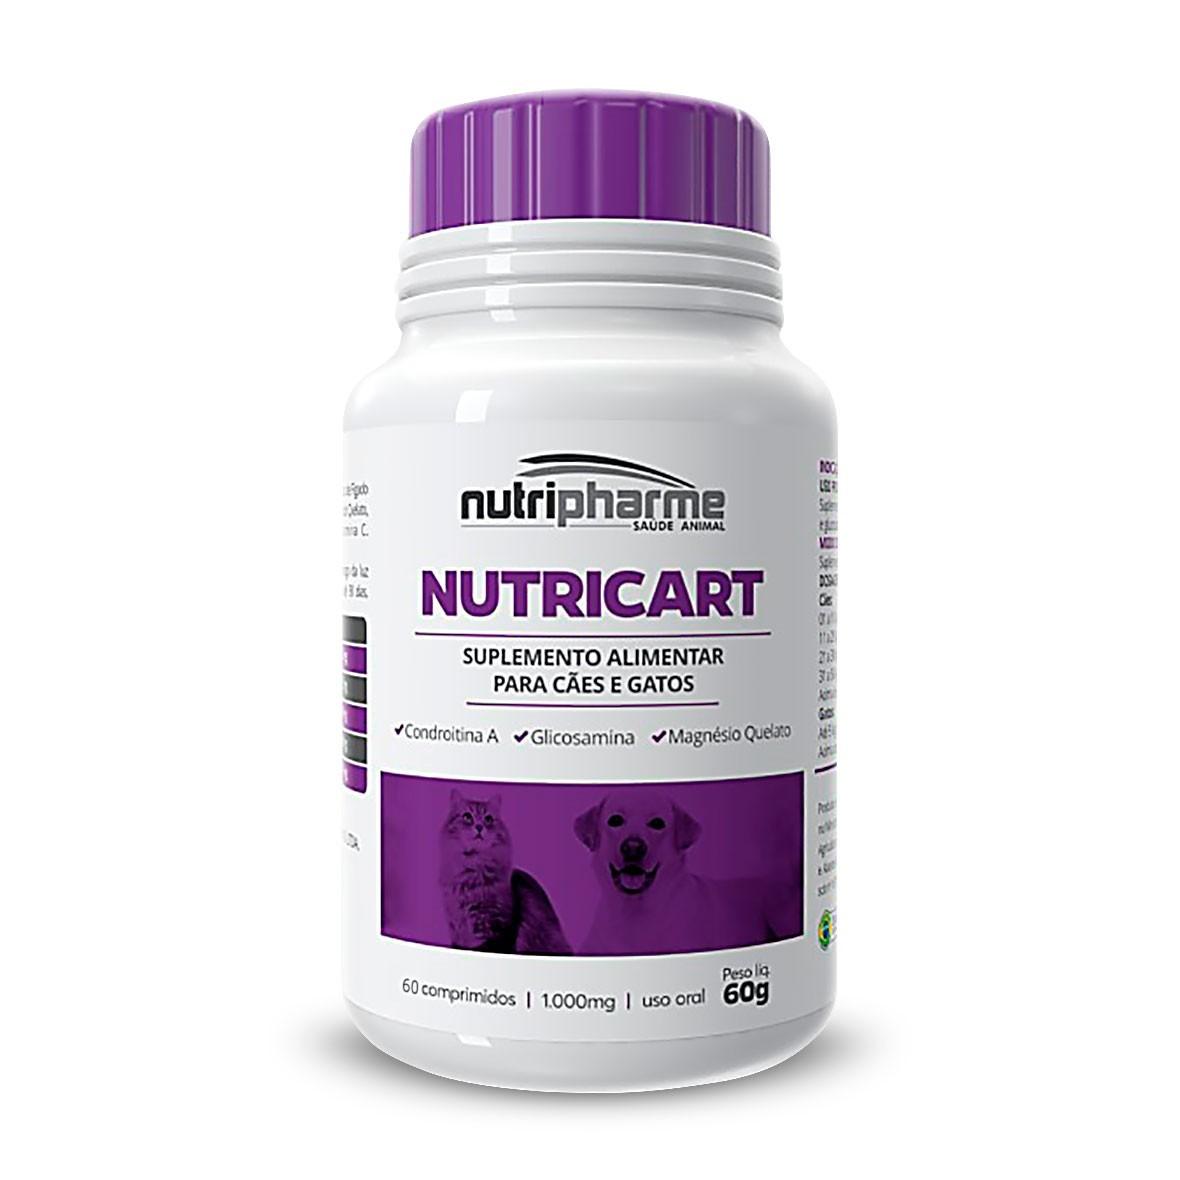 Nutricart 1000 Nutripharme Suplemento Para Cães e Gatos 60 Comprimidos